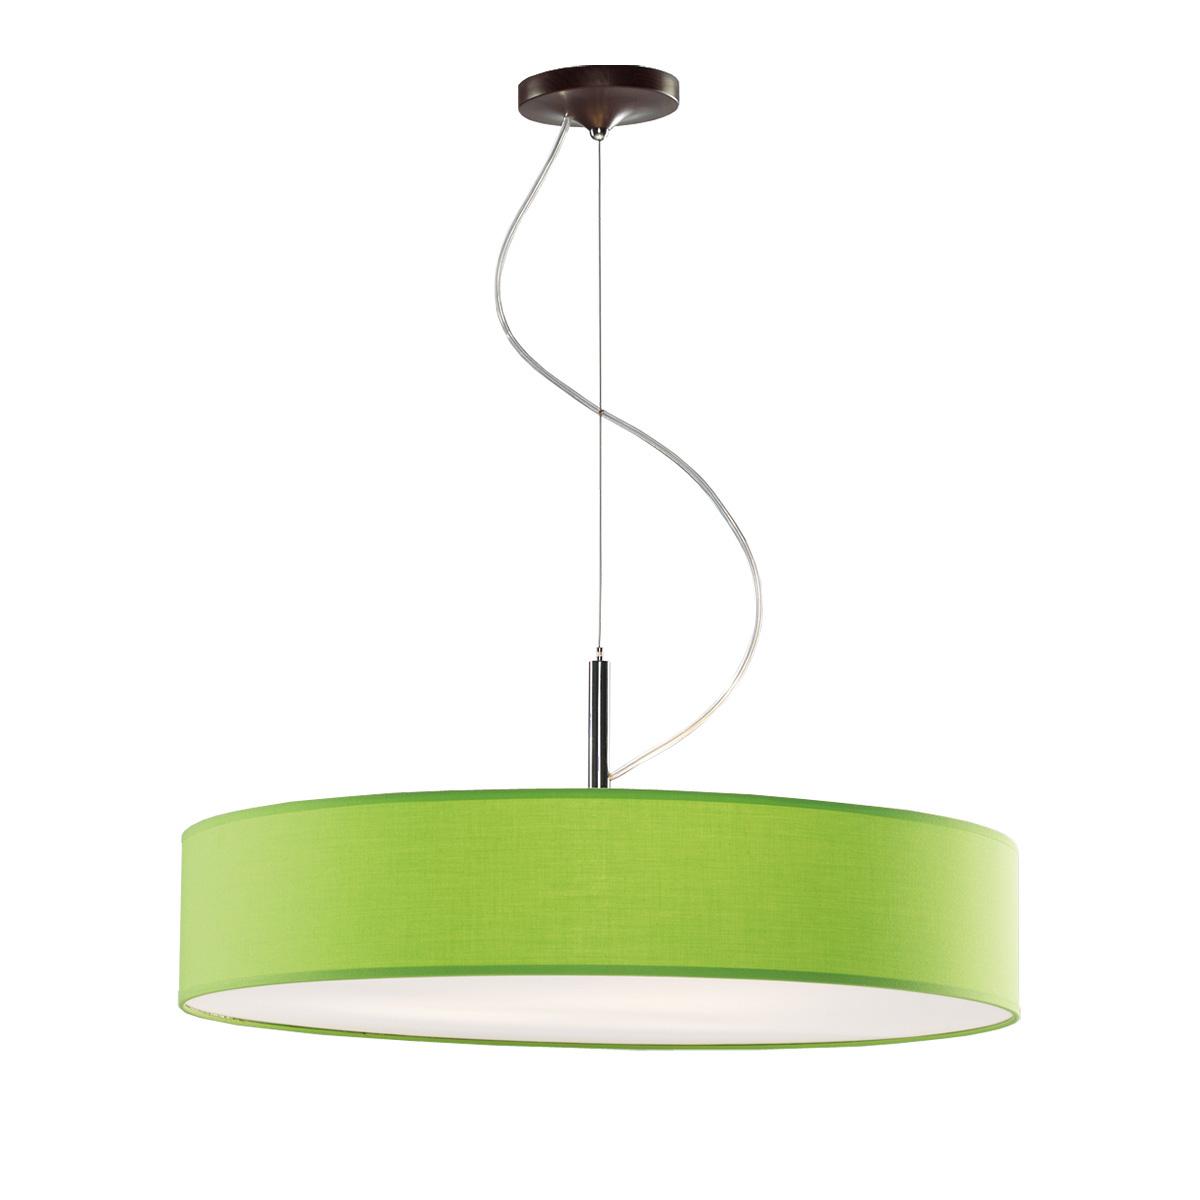 Κρεμαστό πράσινο φωτιστικό DISCO ZEN suspension lamp with green shade